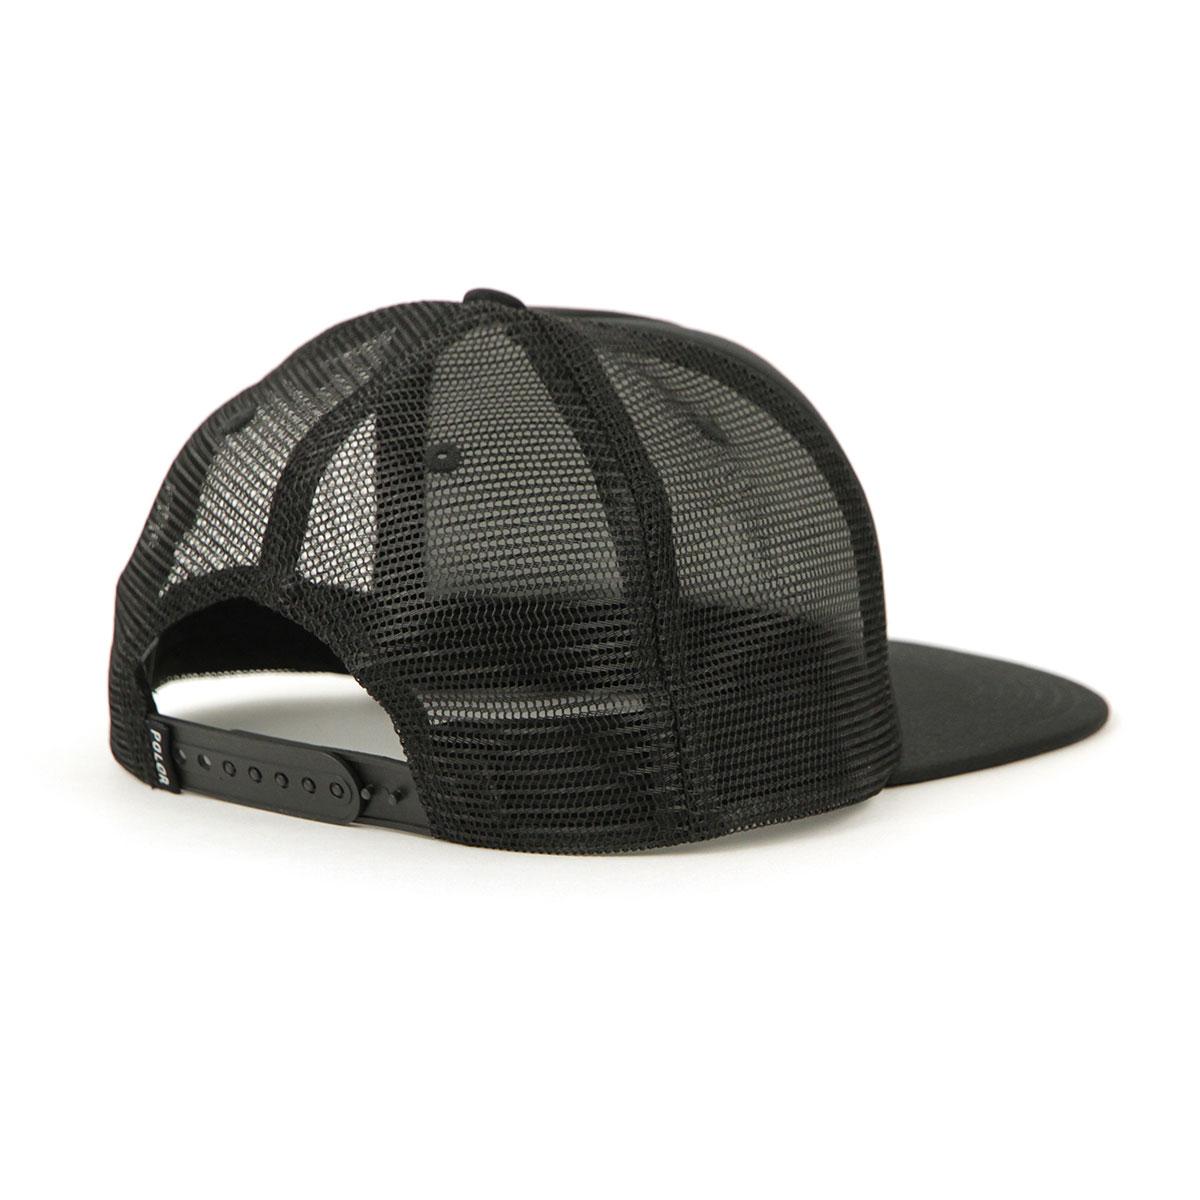 ポーラー POLER 正規販売店 キャップ 帽子 PSYCHEDELIC MESH TRUCKER CAP 55100004-BLK BLACK A79B B3C C3D D4E E13F